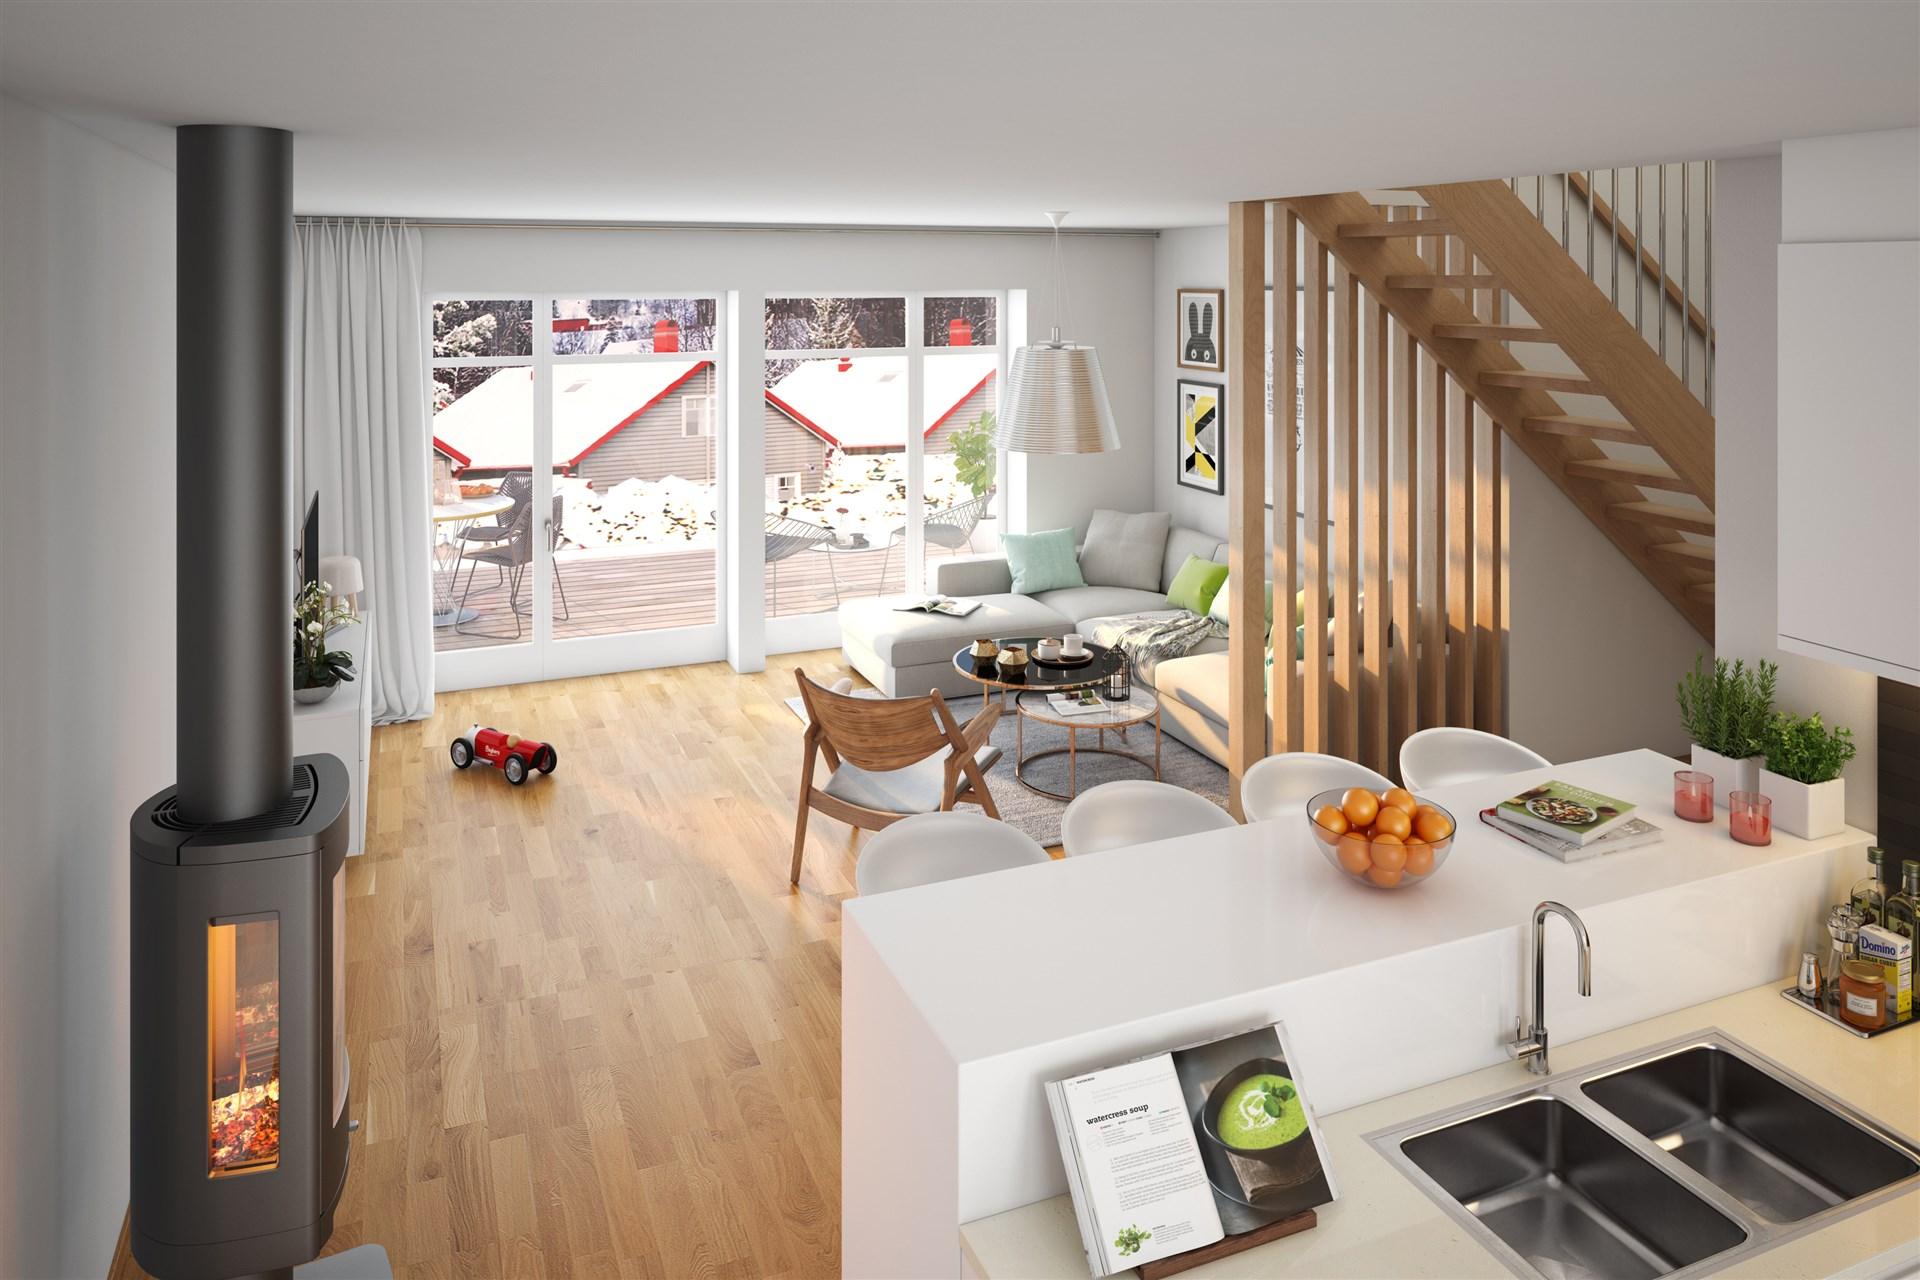 Kök/vardagsrum i öppen planlösning med möjlighet att välja tillval med inredd vind.